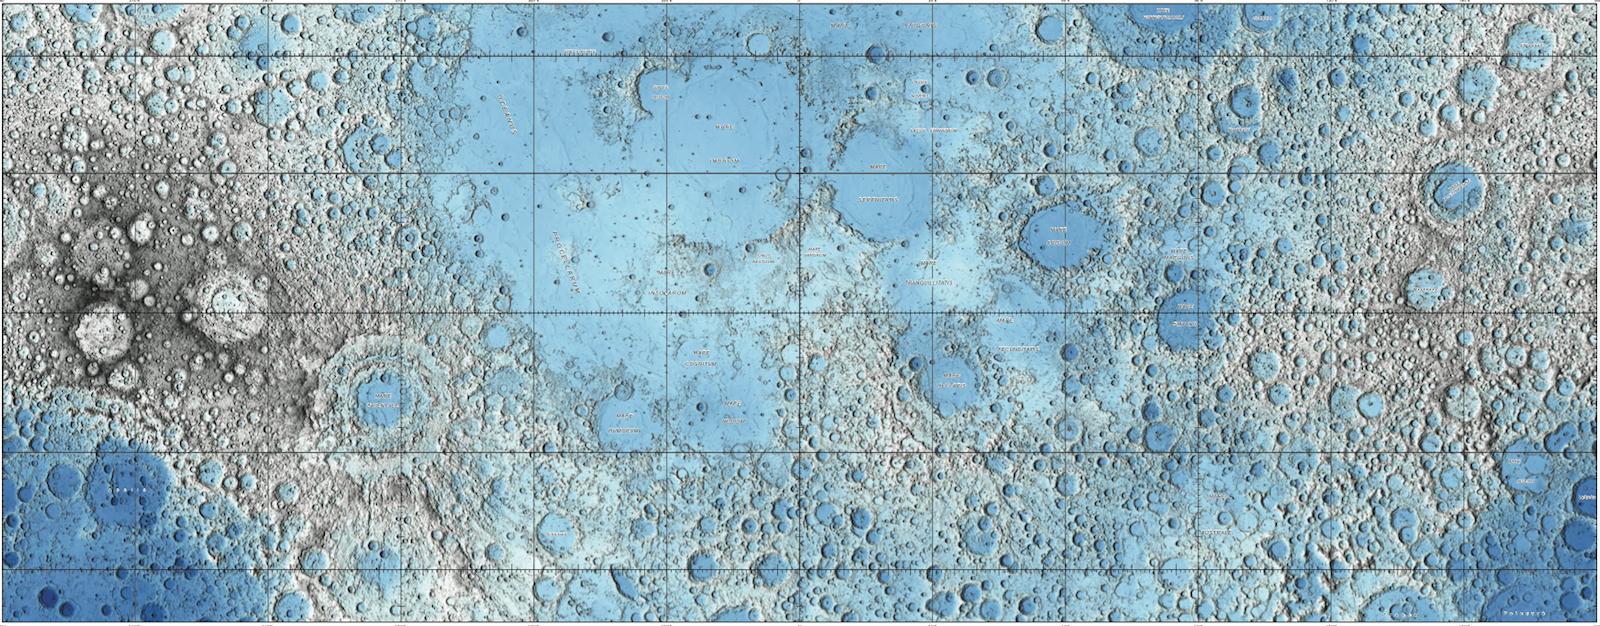 Ausschnitt aus der neuen topografischen Mondkarte: So farbenfroh hat man den Erdtrabanten wohl selten gesehen.